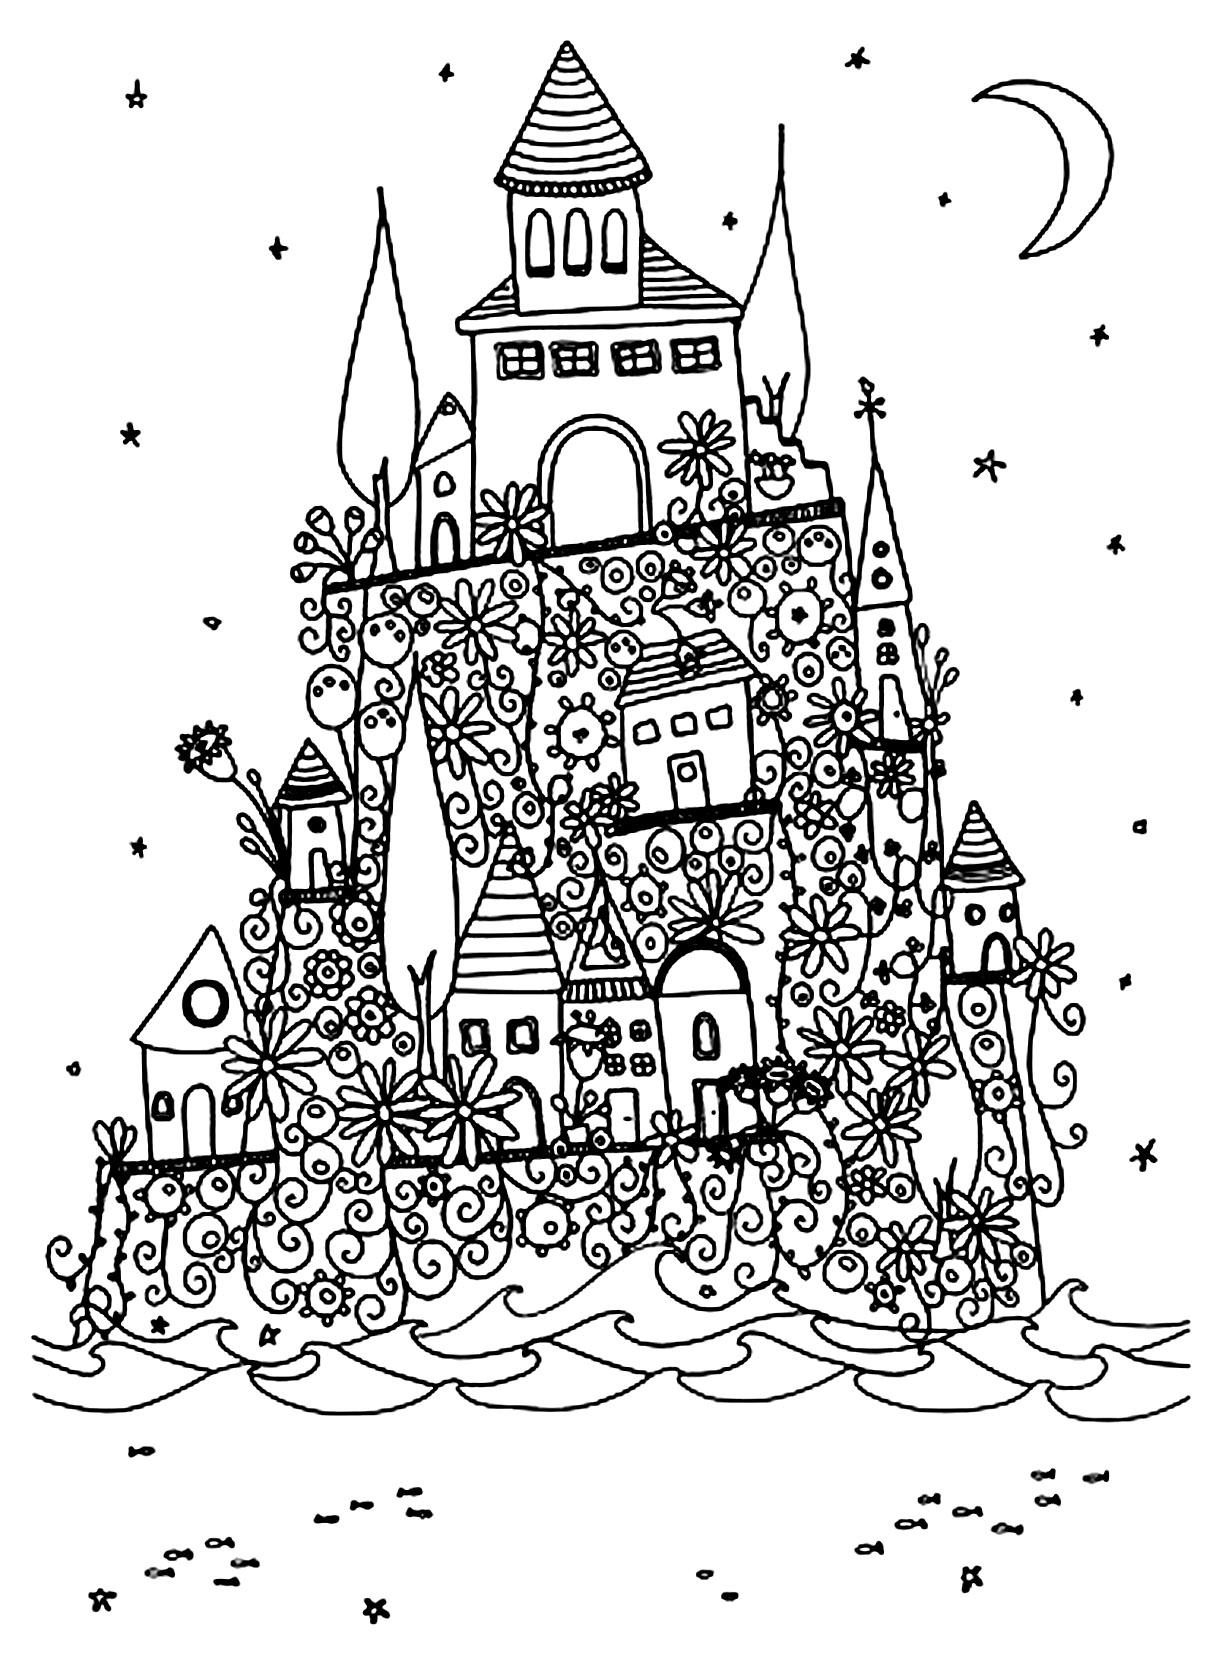 Disegni da colorare per adulti : Architettura & casa - 14